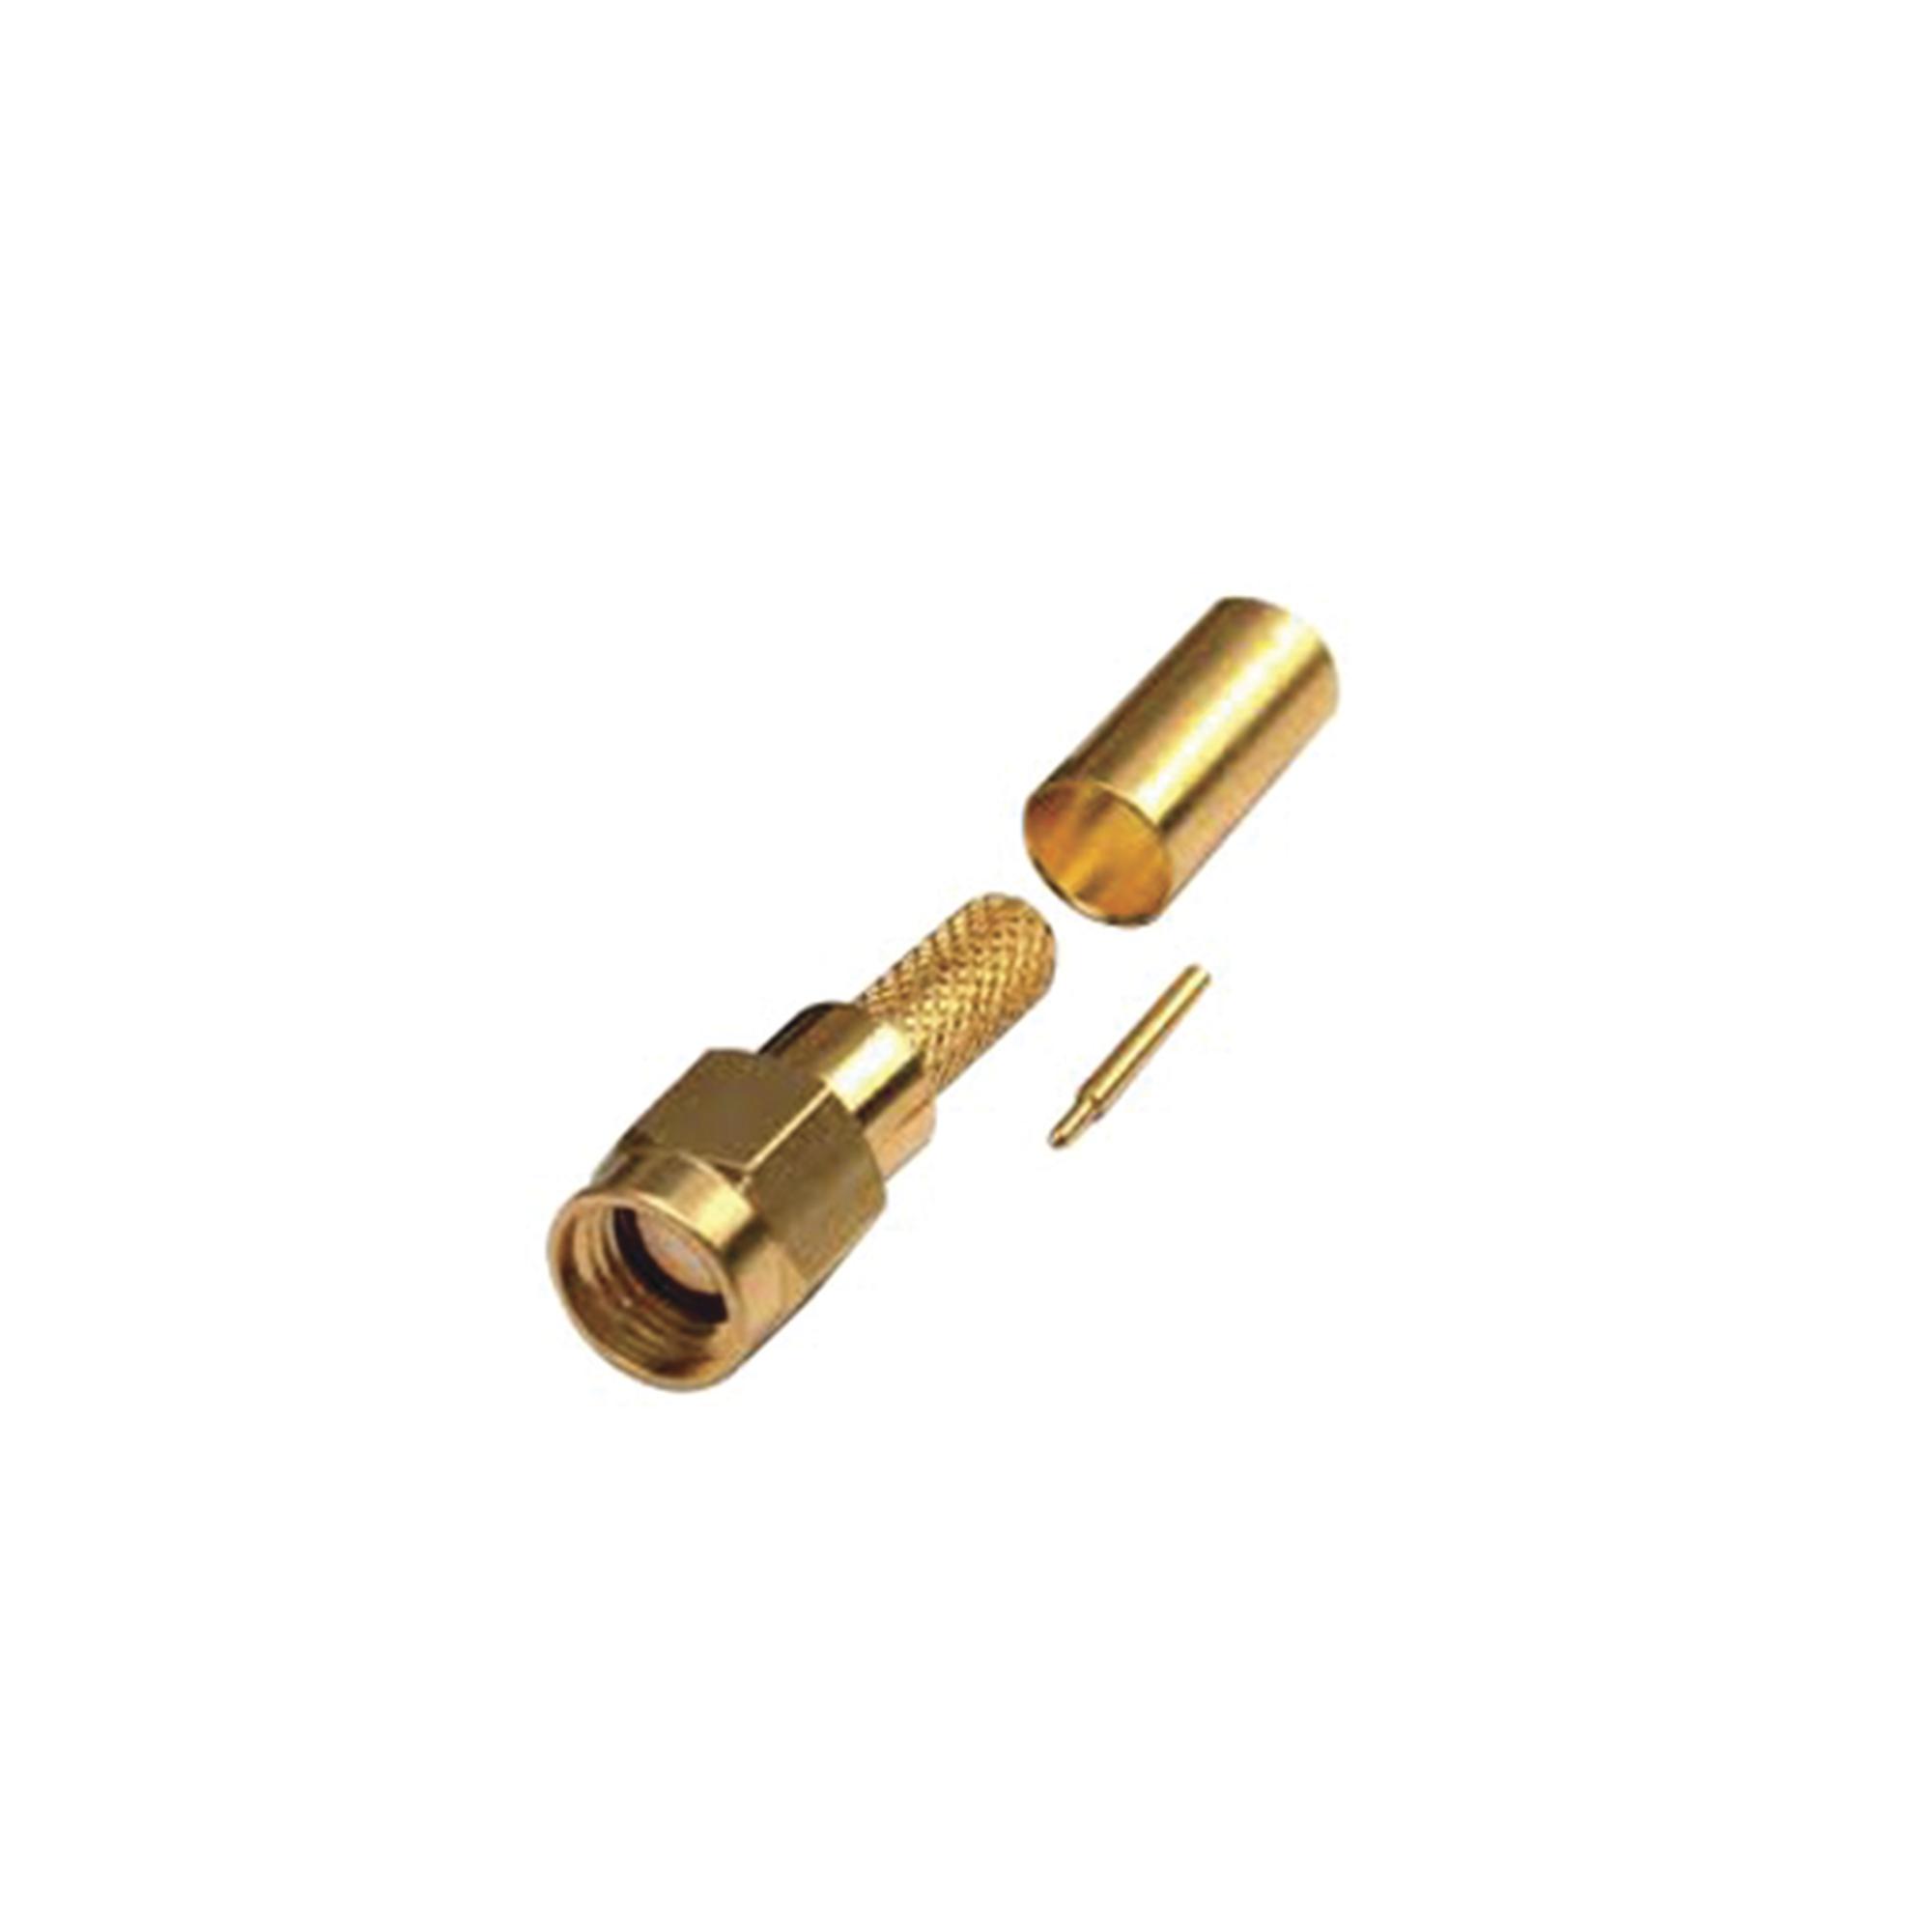 Conector SMA Macho de Anillo Plegable para Cables RG-142/U, LMR-195, Oro/Oro/Teflón.